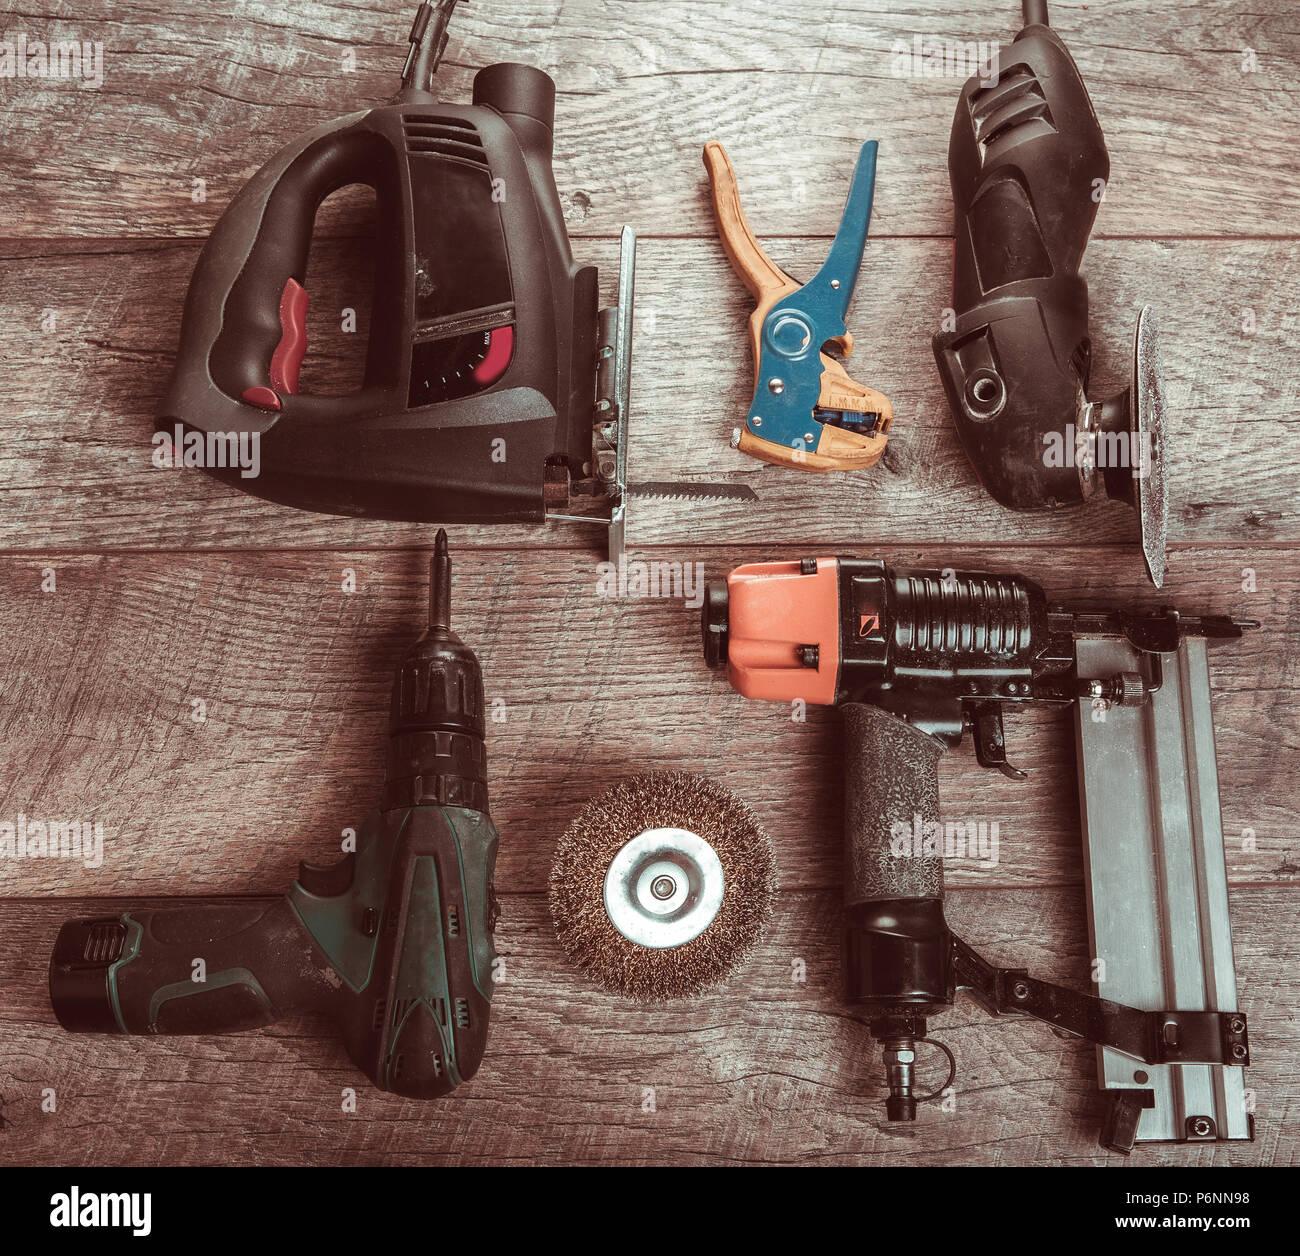 Outils électriques manuels, tournevis, scie pour foret jigsaw jointer. Banque D'Images